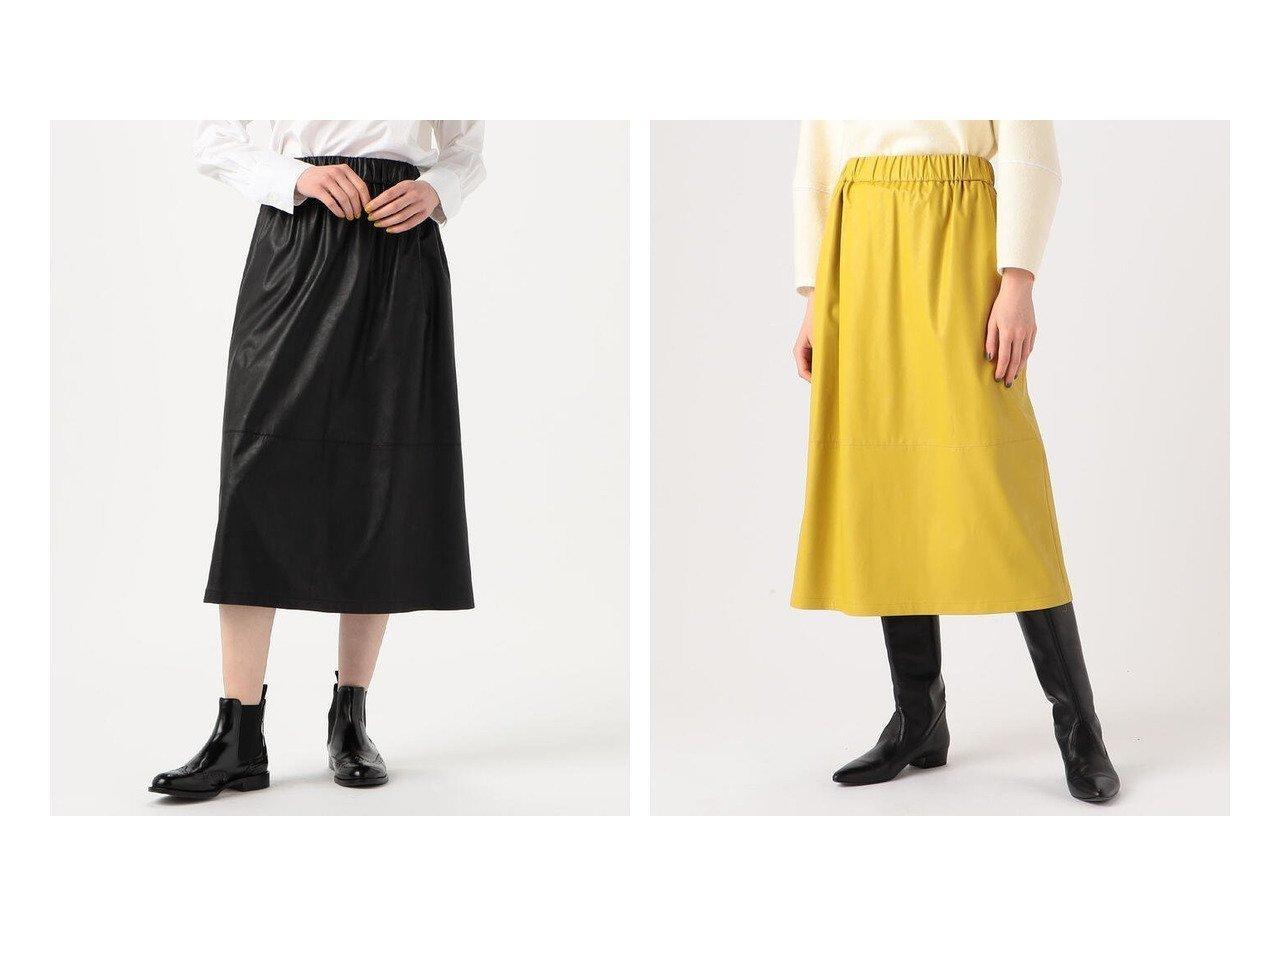 【TOMORROWLAND BALLSEY/トゥモローランド ボールジー】のウェットフェイクレザー ウエストギャザースカート 【スカート】おすすめ!人気、トレンド・レディースファッションの通販 おすすめで人気の流行・トレンド、ファッションの通販商品 インテリア・家具・メンズファッション・キッズファッション・レディースファッション・服の通販 founy(ファニー) https://founy.com/ ファッション Fashion レディースファッション WOMEN スカート Skirt Aライン/フレアスカート Flared A-Line Skirts 2021年 2021 2021-2022秋冬・A/W AW・Autumn/Winter・FW・Fall-Winter・2021-2022 A/W・秋冬 AW・Autumn/Winter・FW・Fall-Winter エレガント ギャザー クラシカル シューズ シンプル フェイクレザー フレア リュクス |ID:crp329100000066657